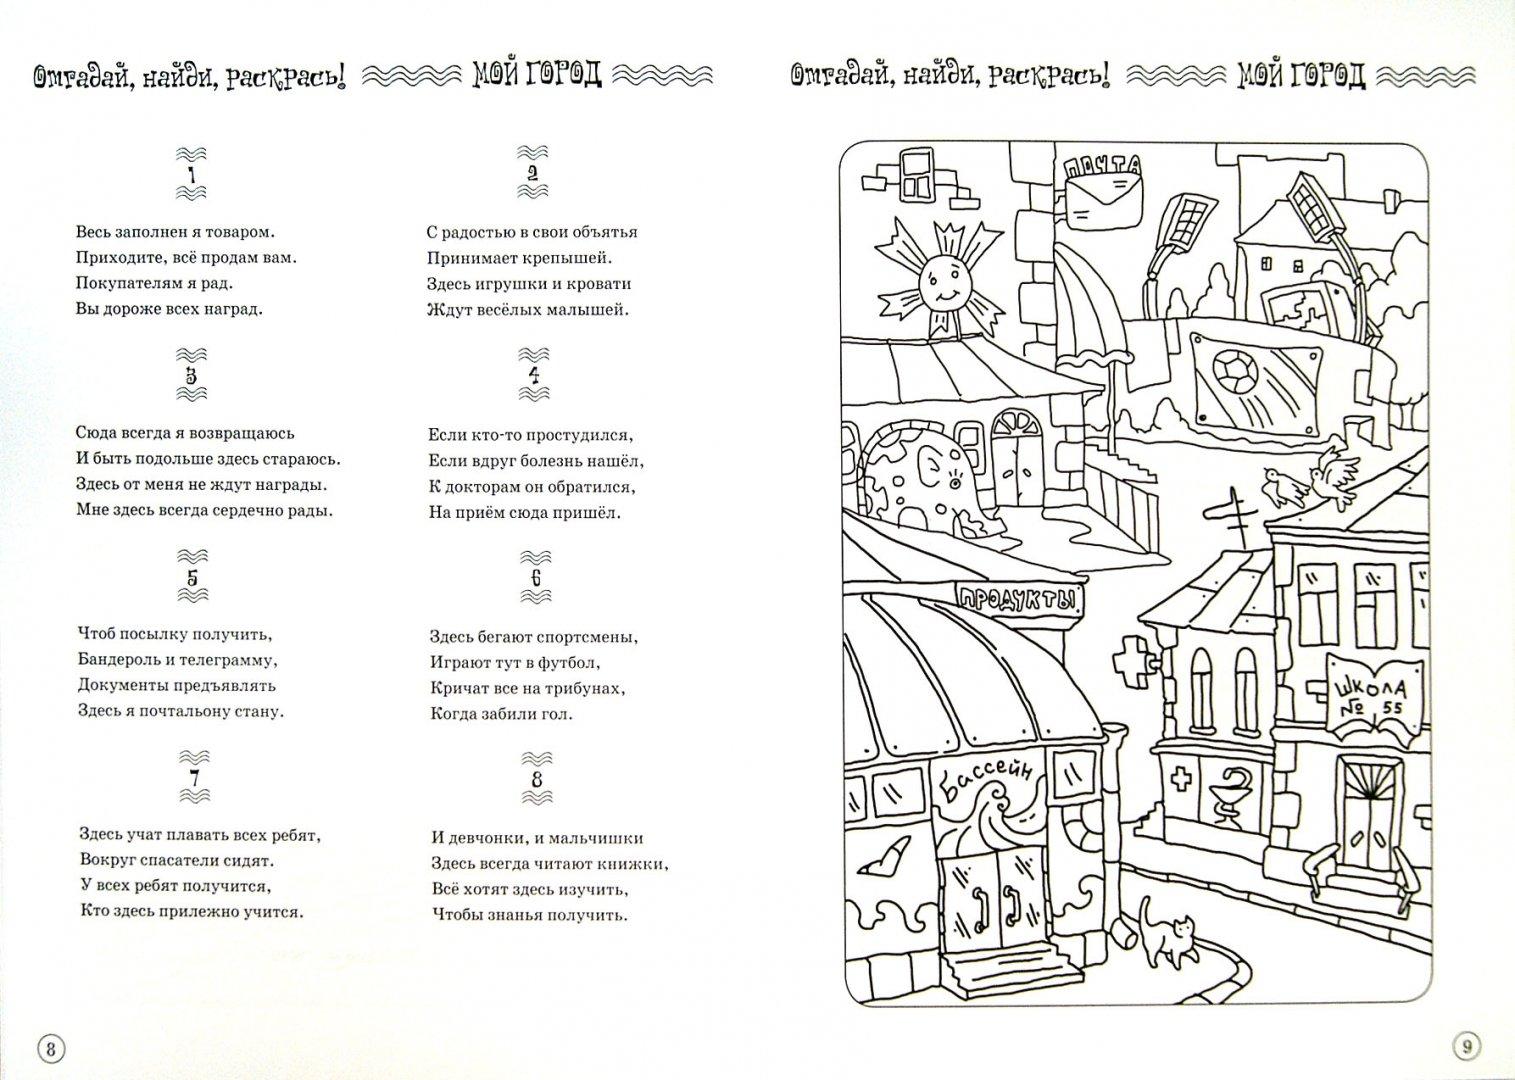 иллюстрация 1 из 4 для отгадай найди раскрась мой город